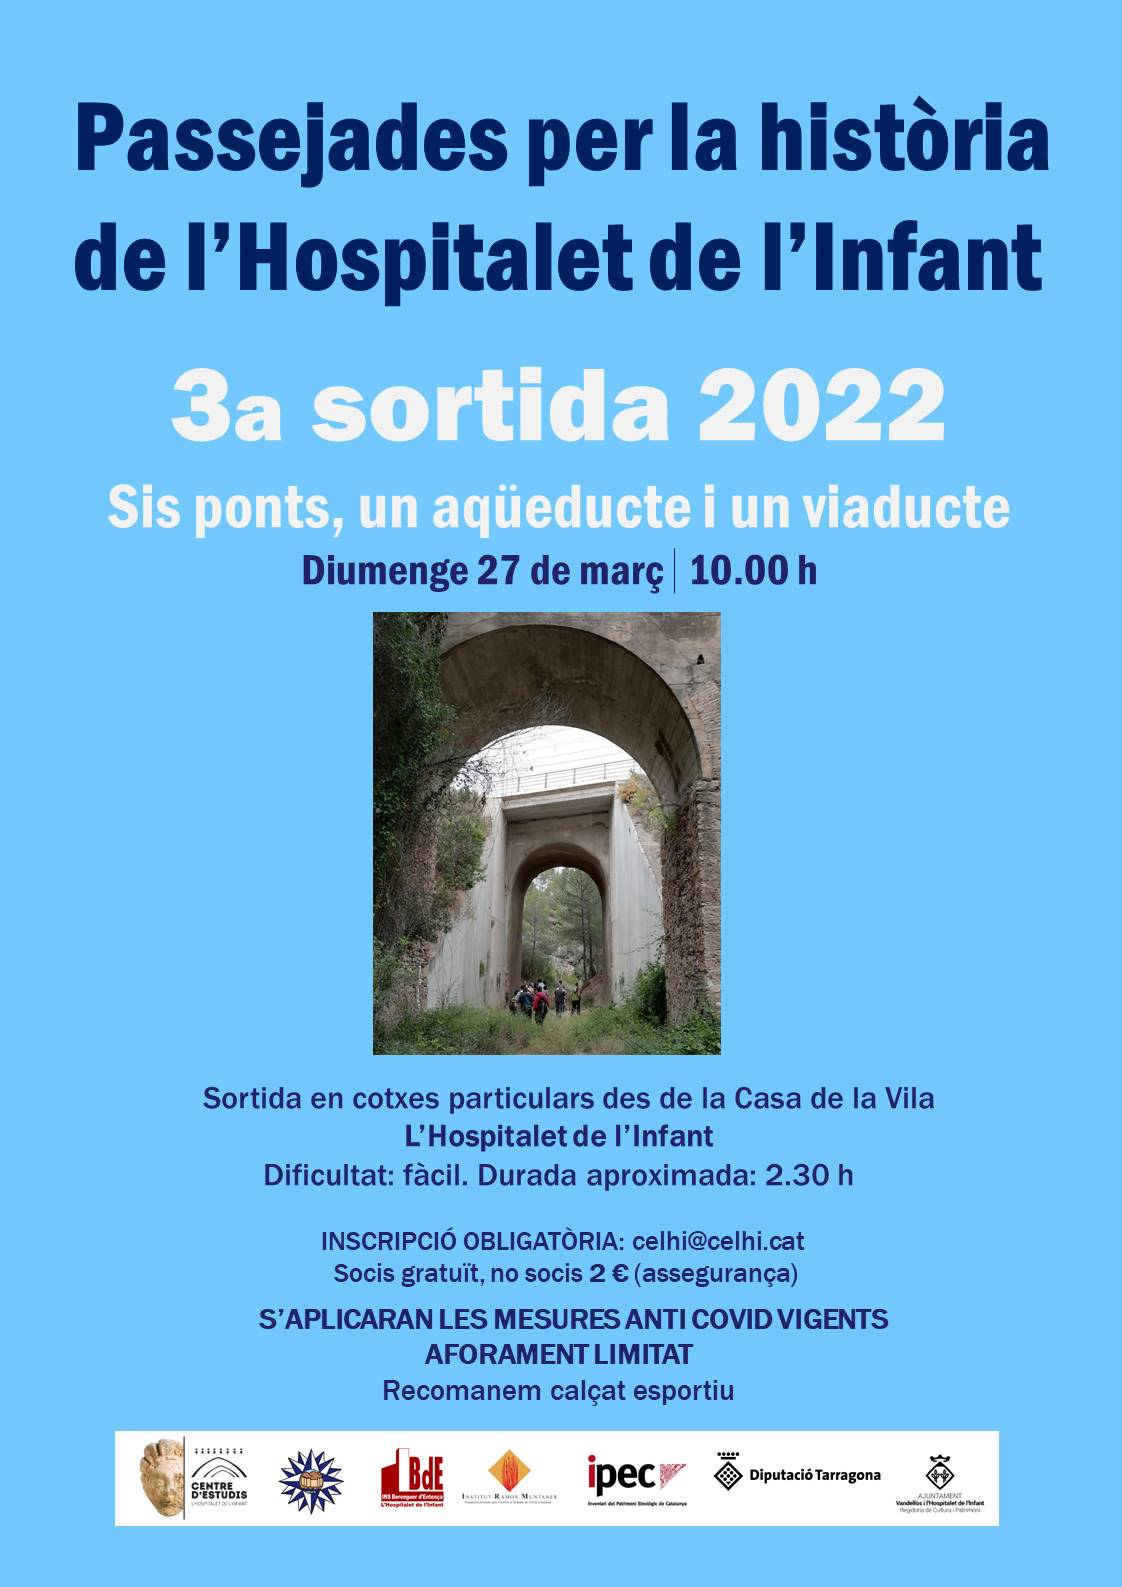 Passejades per la història de l'Hospitalet de l'Infant - 1a sortida 2021